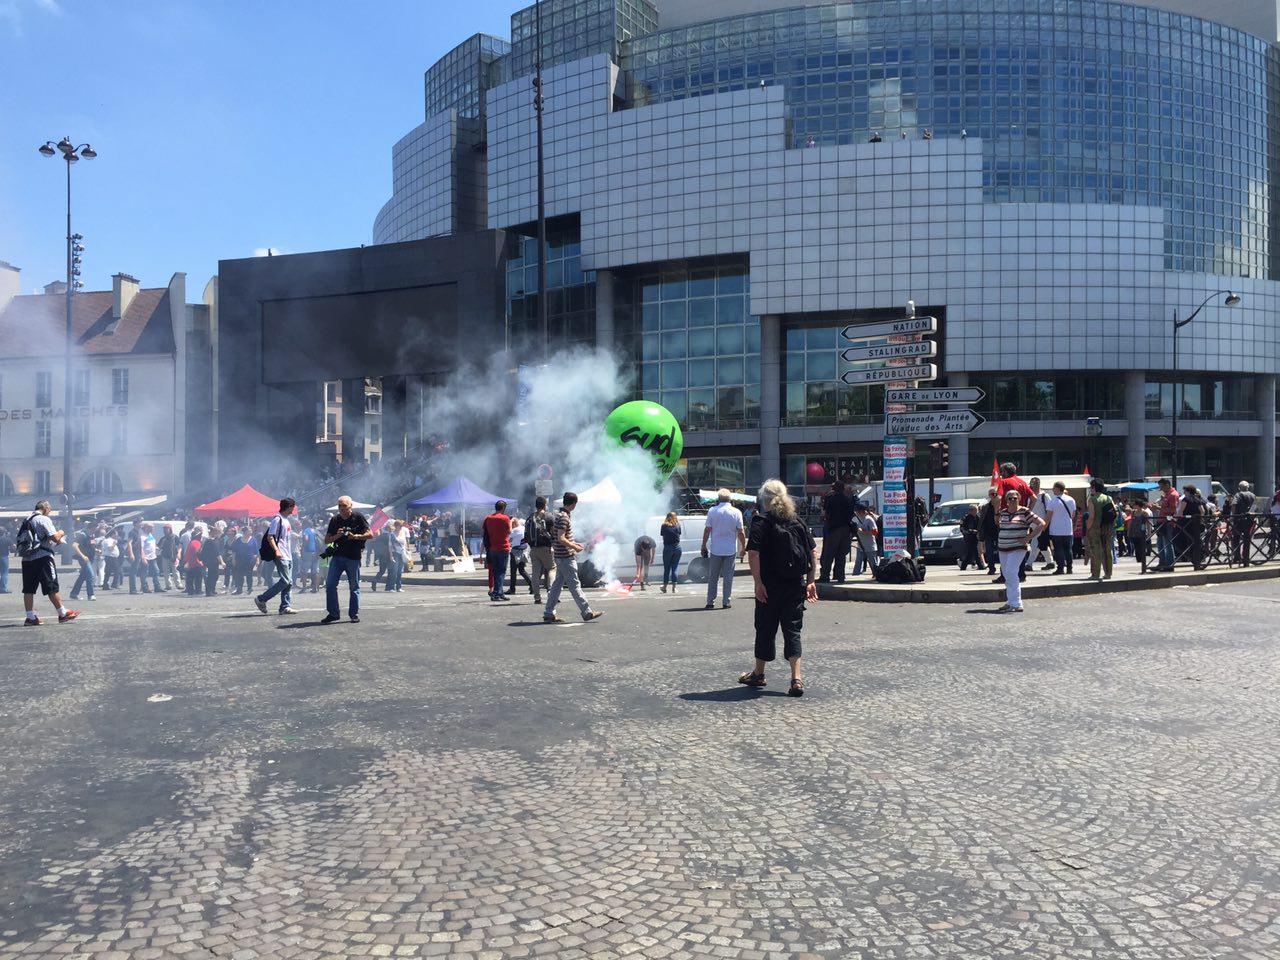 Профсоюзы Парижа вновь вышли на улицы — фоторепортаж